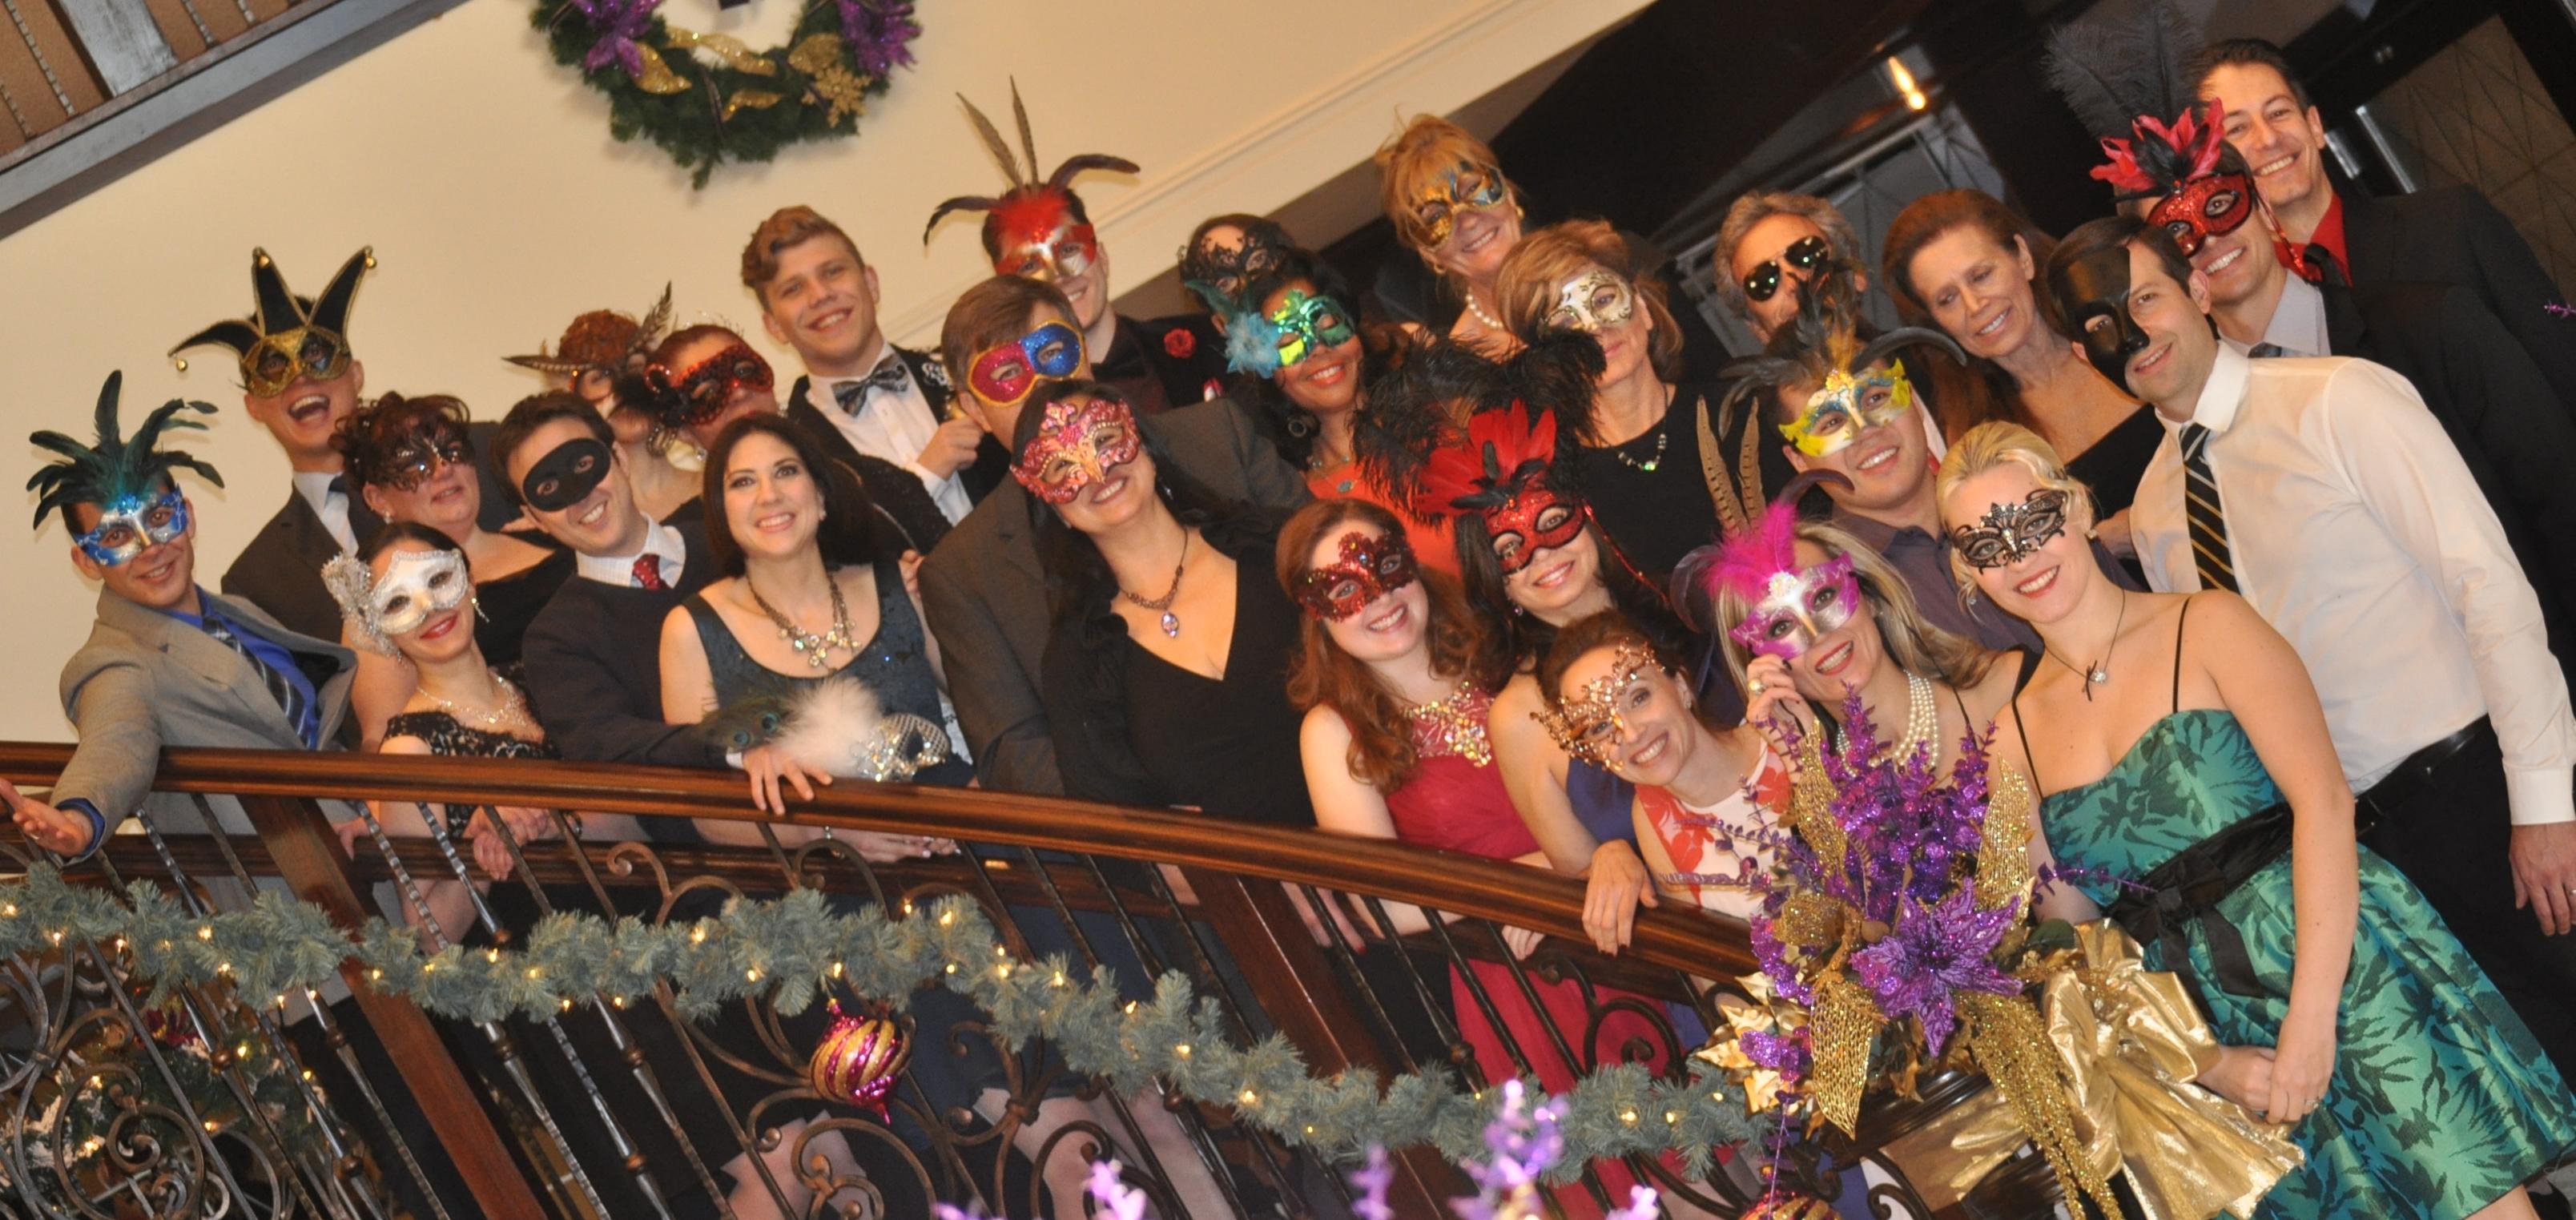 Masquerade Ball group